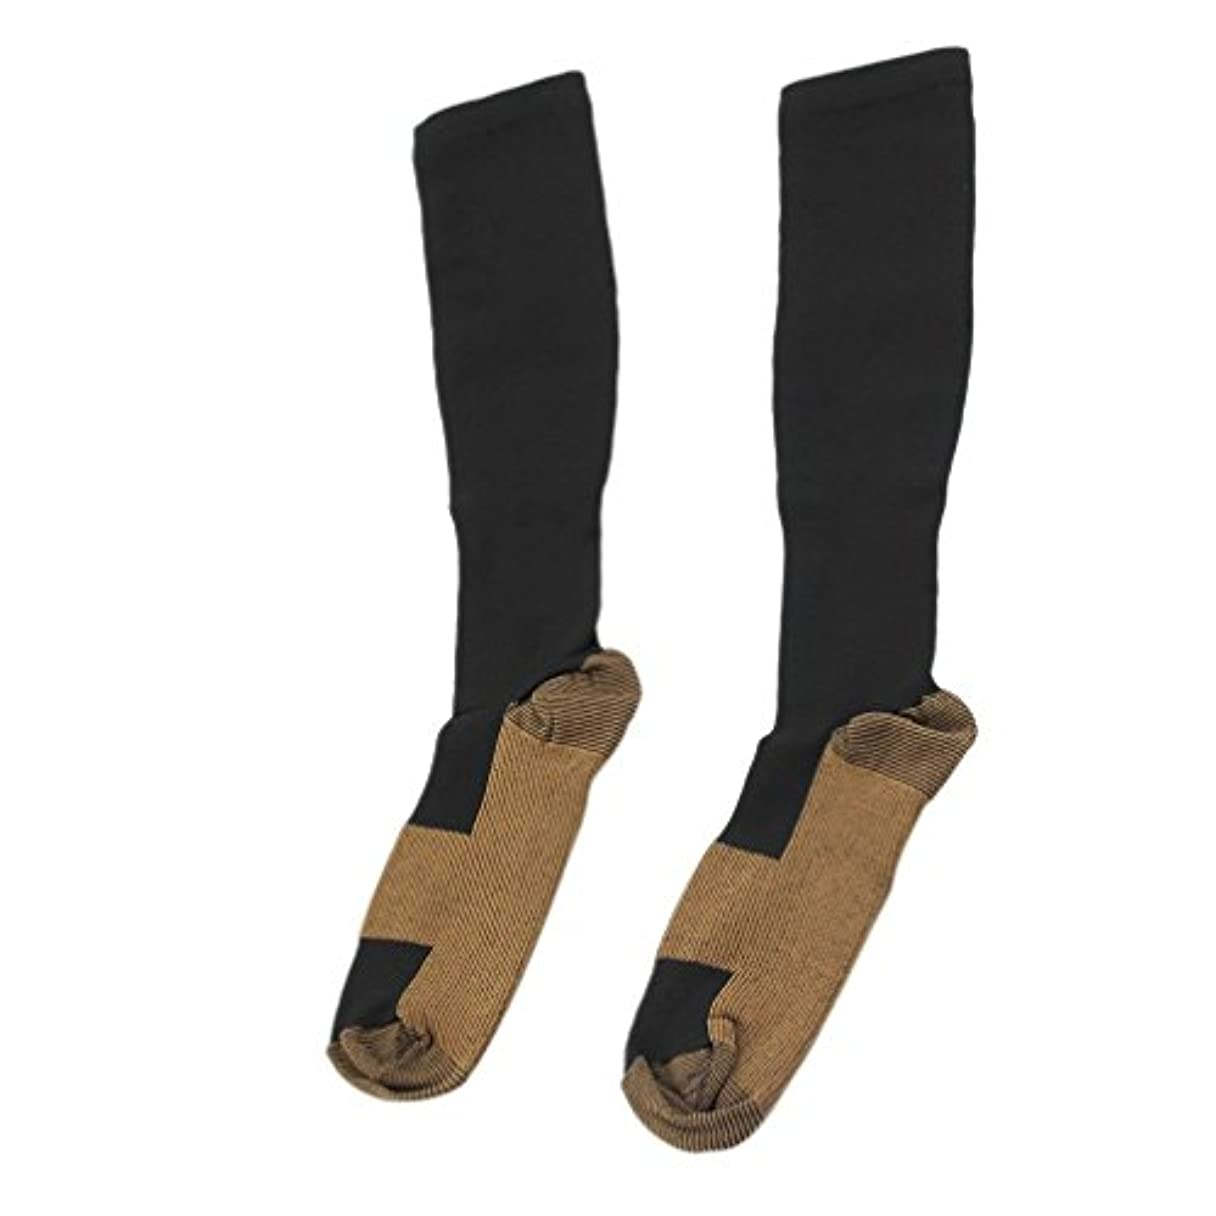 結紮とティーム瞑想的ファッショナブルな快適な救済ソフト男性女性抗疲労圧縮靴下抗疲労静脈瘤ソックス - ブラックL